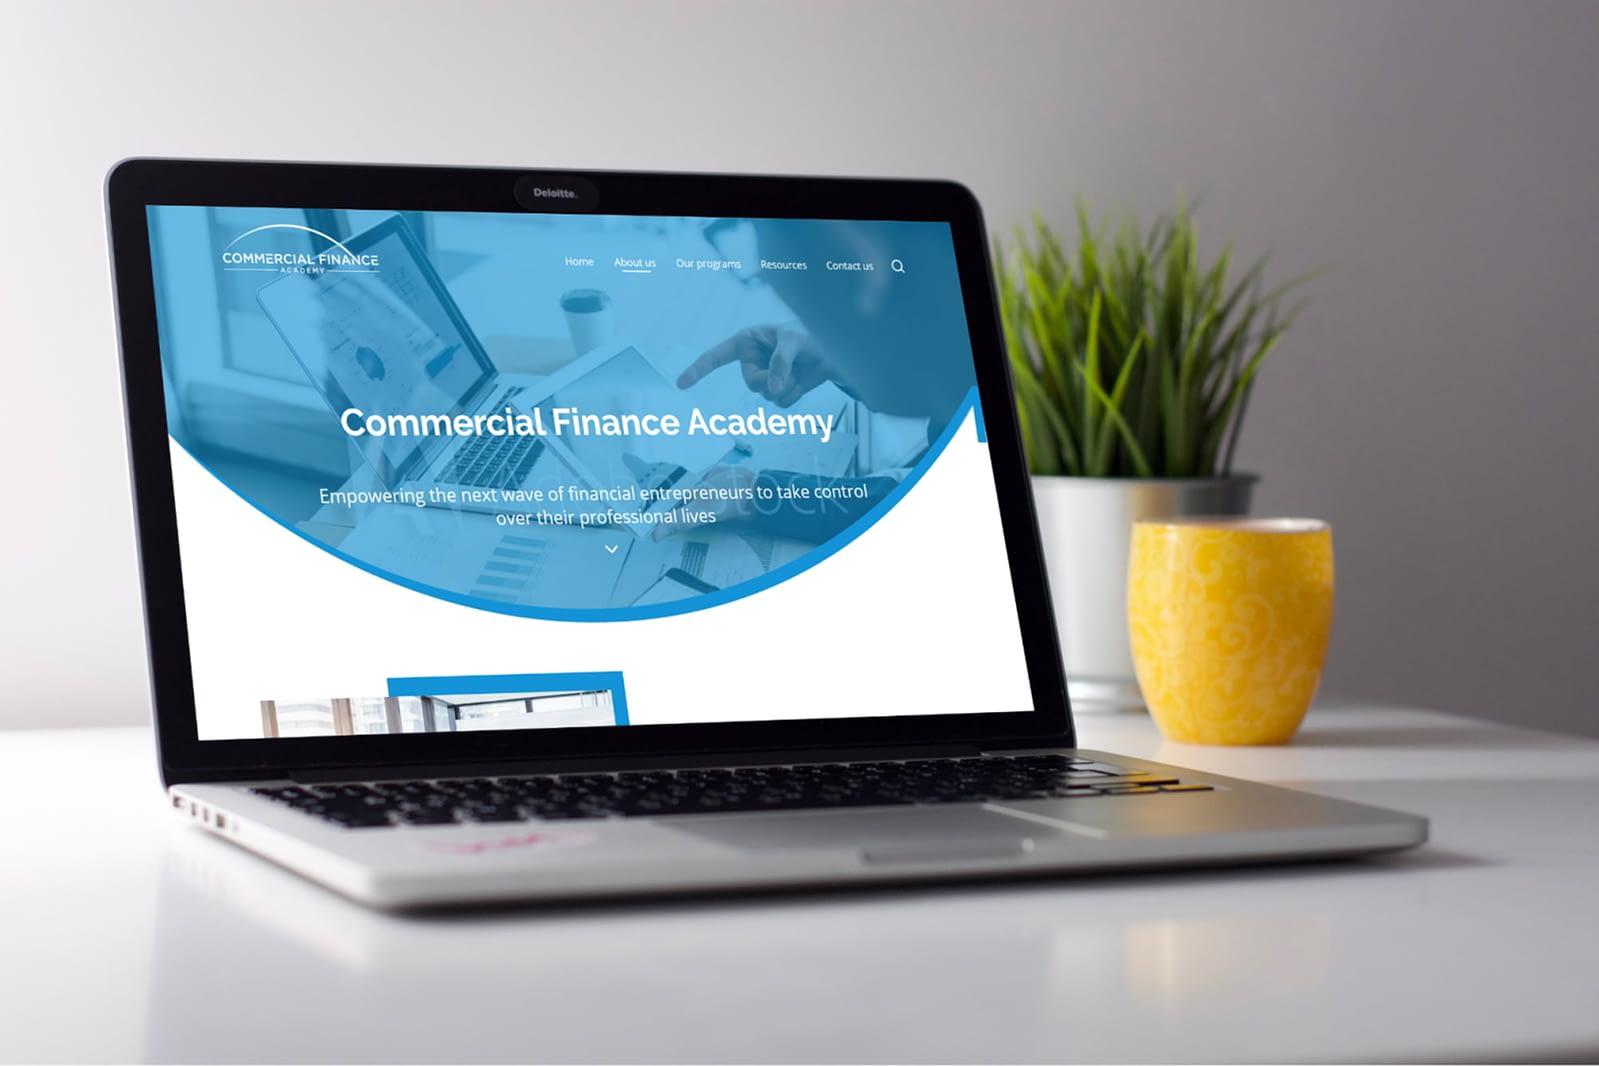 web UI, UI design, design, website, web design, propunere, marketing, IT